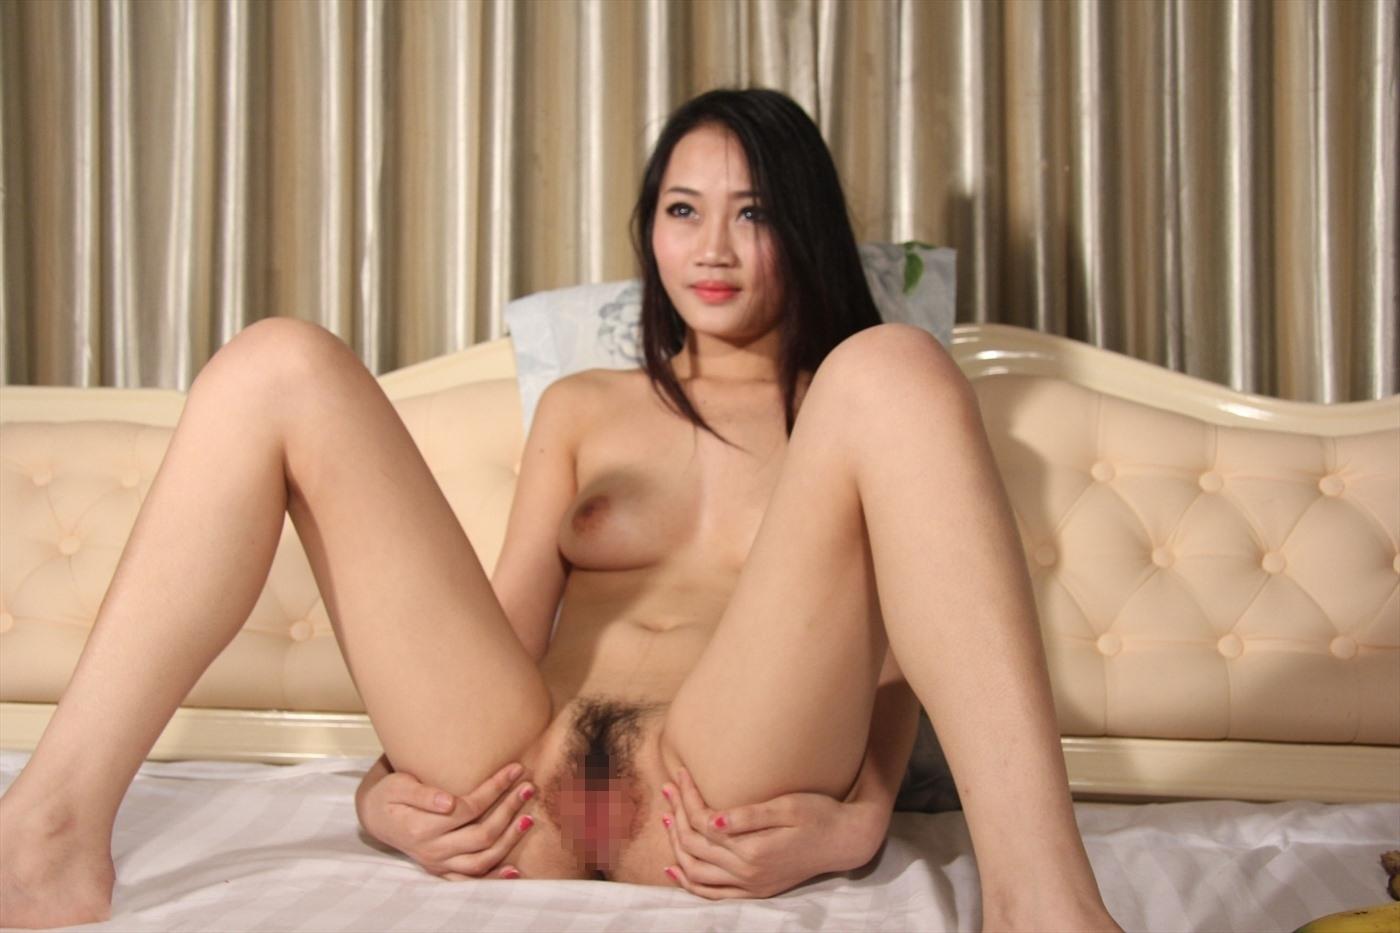 巨乳な美女モデルのマ○コくぱぁヌード画像 9